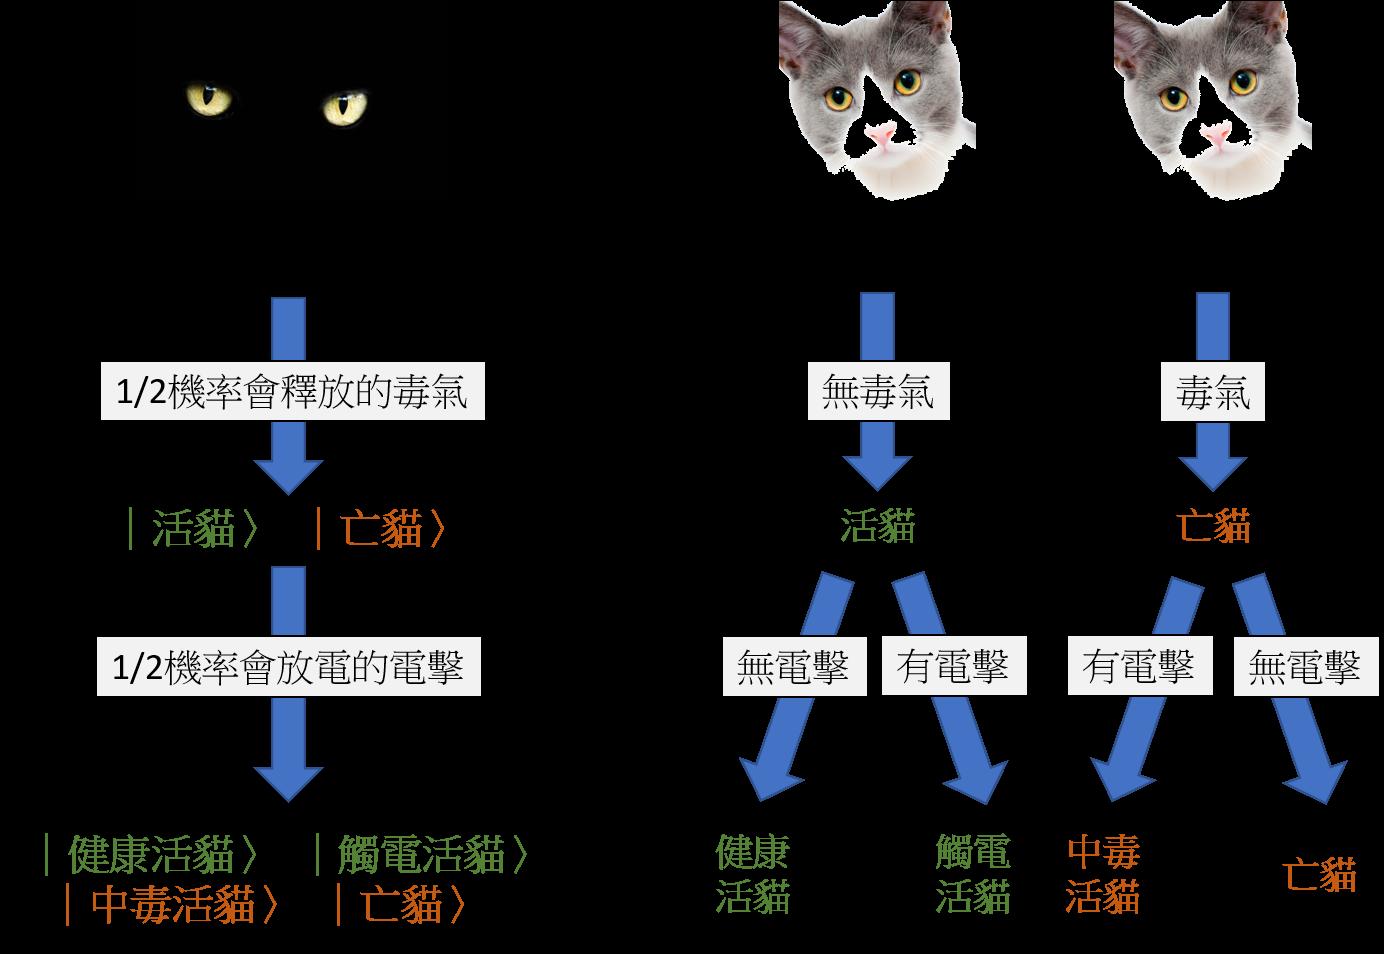 圖一、薛丁格的貓是量子版本的貓。我們用物理學家習慣的符號寫出量子貓的各種狀態。